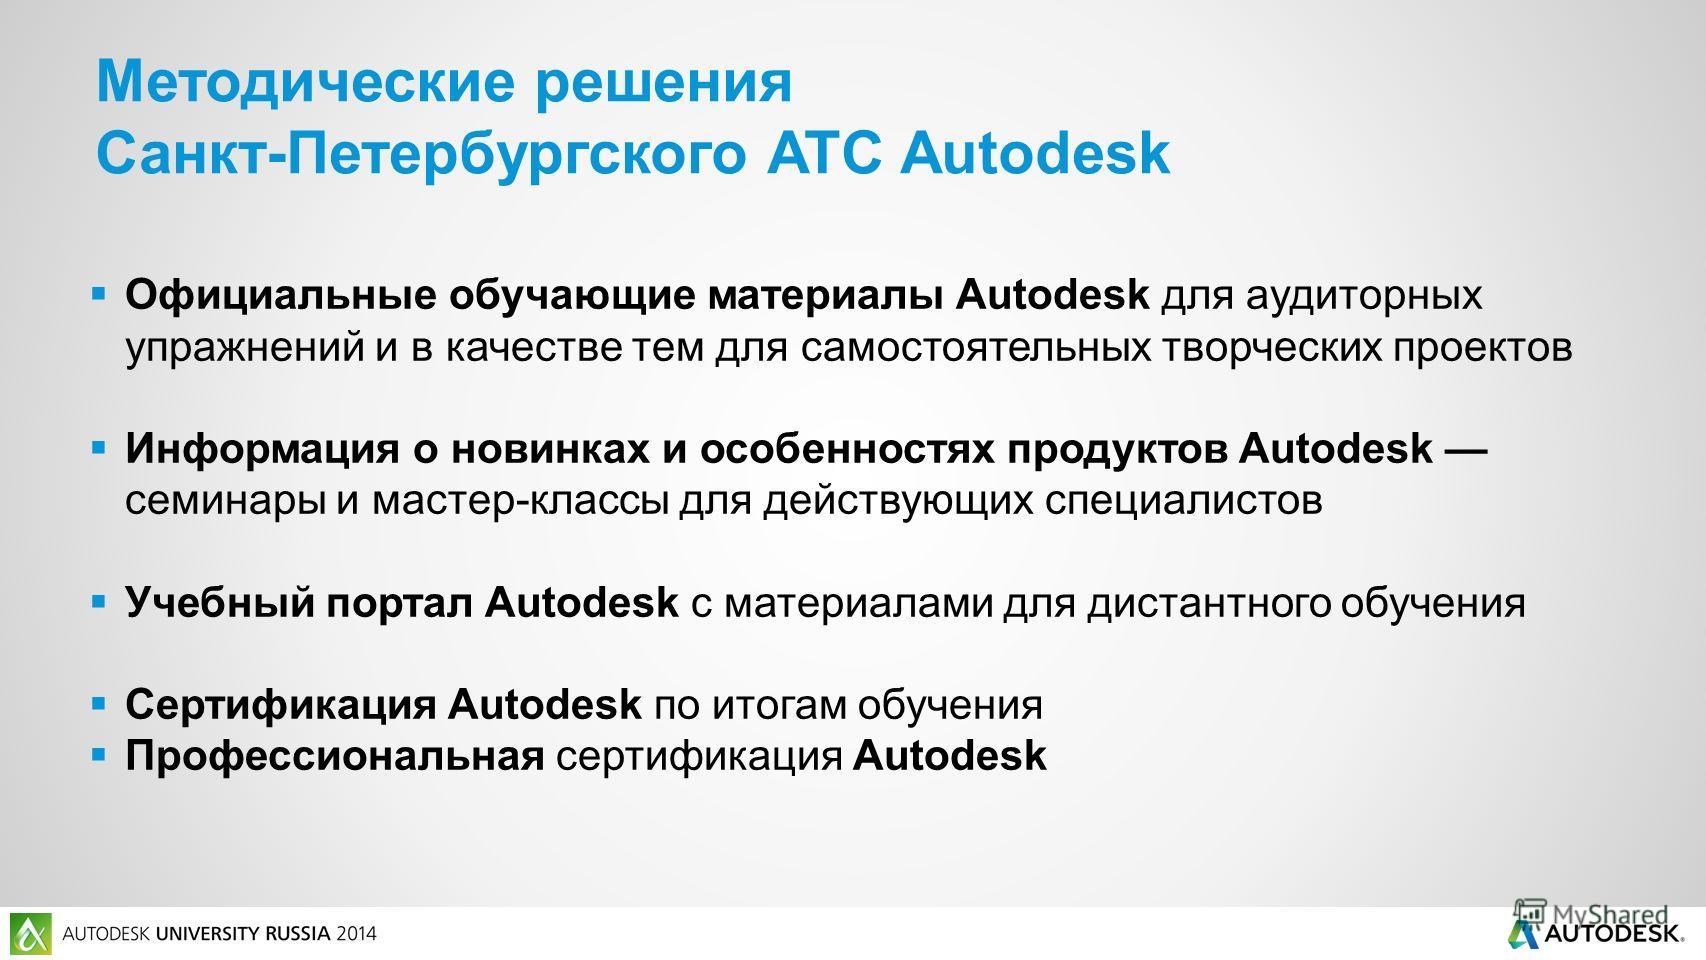 Официальные обучающие материалы Autodesk для аудиторных упражнений и в качестве тем для самостоятельных творческих проектов Информация о новинках и особенностях продуктов Autodesk семинары и мастер-классы для действующих специалистов Учебный портал A